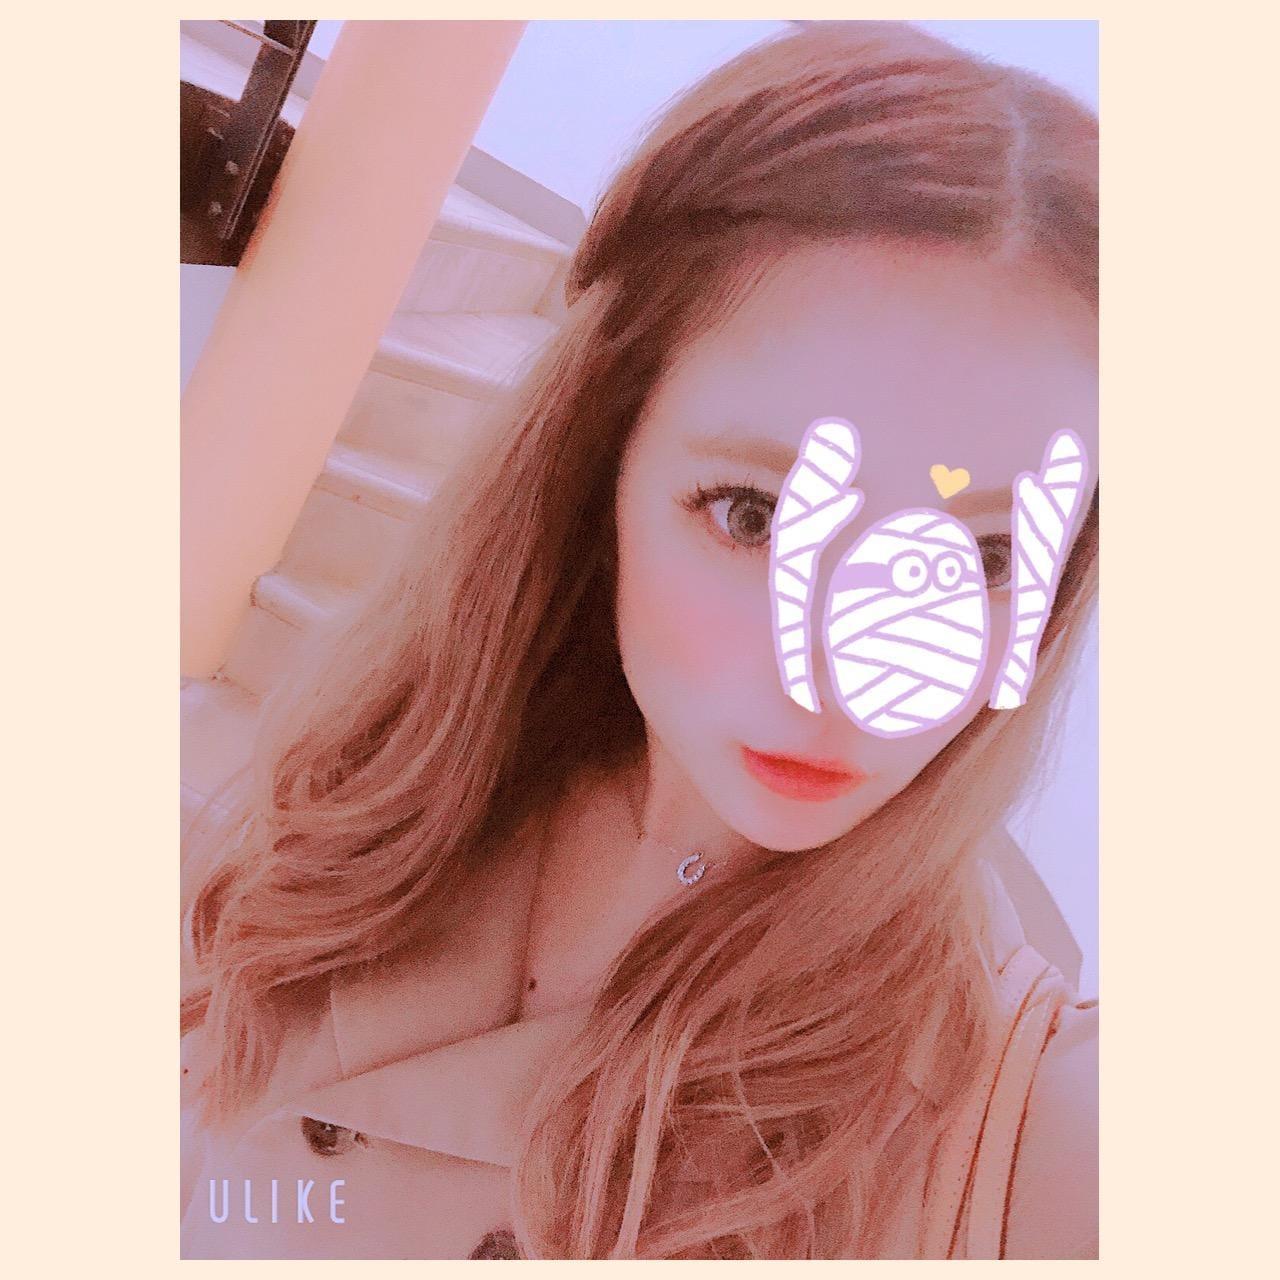 ひかり☆新人「♡」07/23(火) 22:37 | ひかり☆新人の写メ・風俗動画